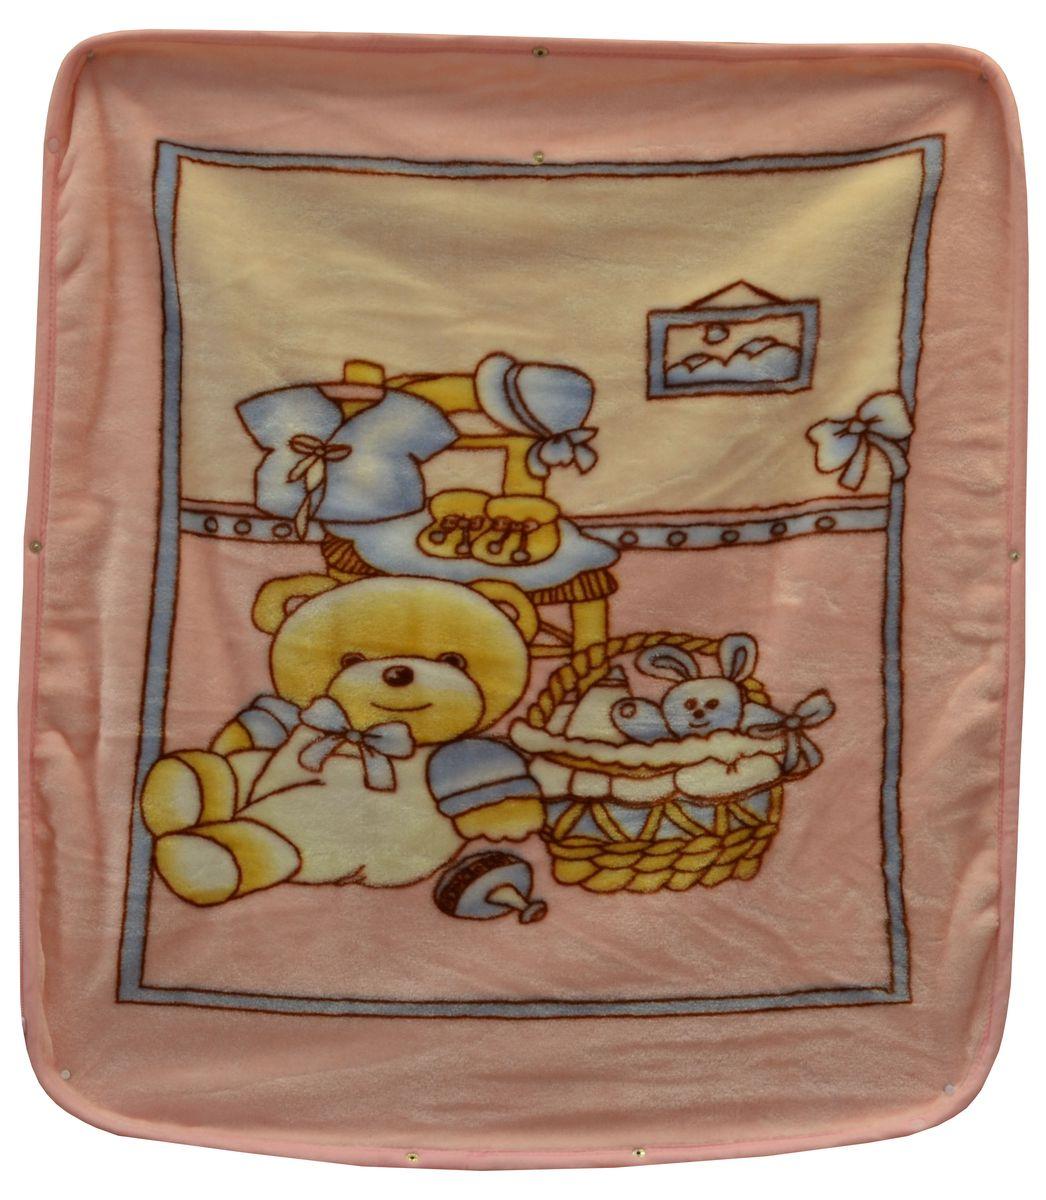 Bonne Fee Плед-накидка для младенцев на молнии 2, 80 х 90 см, цвет: розовый012H1800Плед-накидка для младенцев на молнии Bonne Fee - защита, тепло и комфорт для малышей - использован надёжный, качественный и мягкий материал! Удобство и спокойствие для родителей обеспечивается универсальностью пледа-накидки, конструкция которого позволяет ему легко превращаться в конвертик. Отличное качество и практичность! Любите своего ребёнка и дарите ему лучшее!